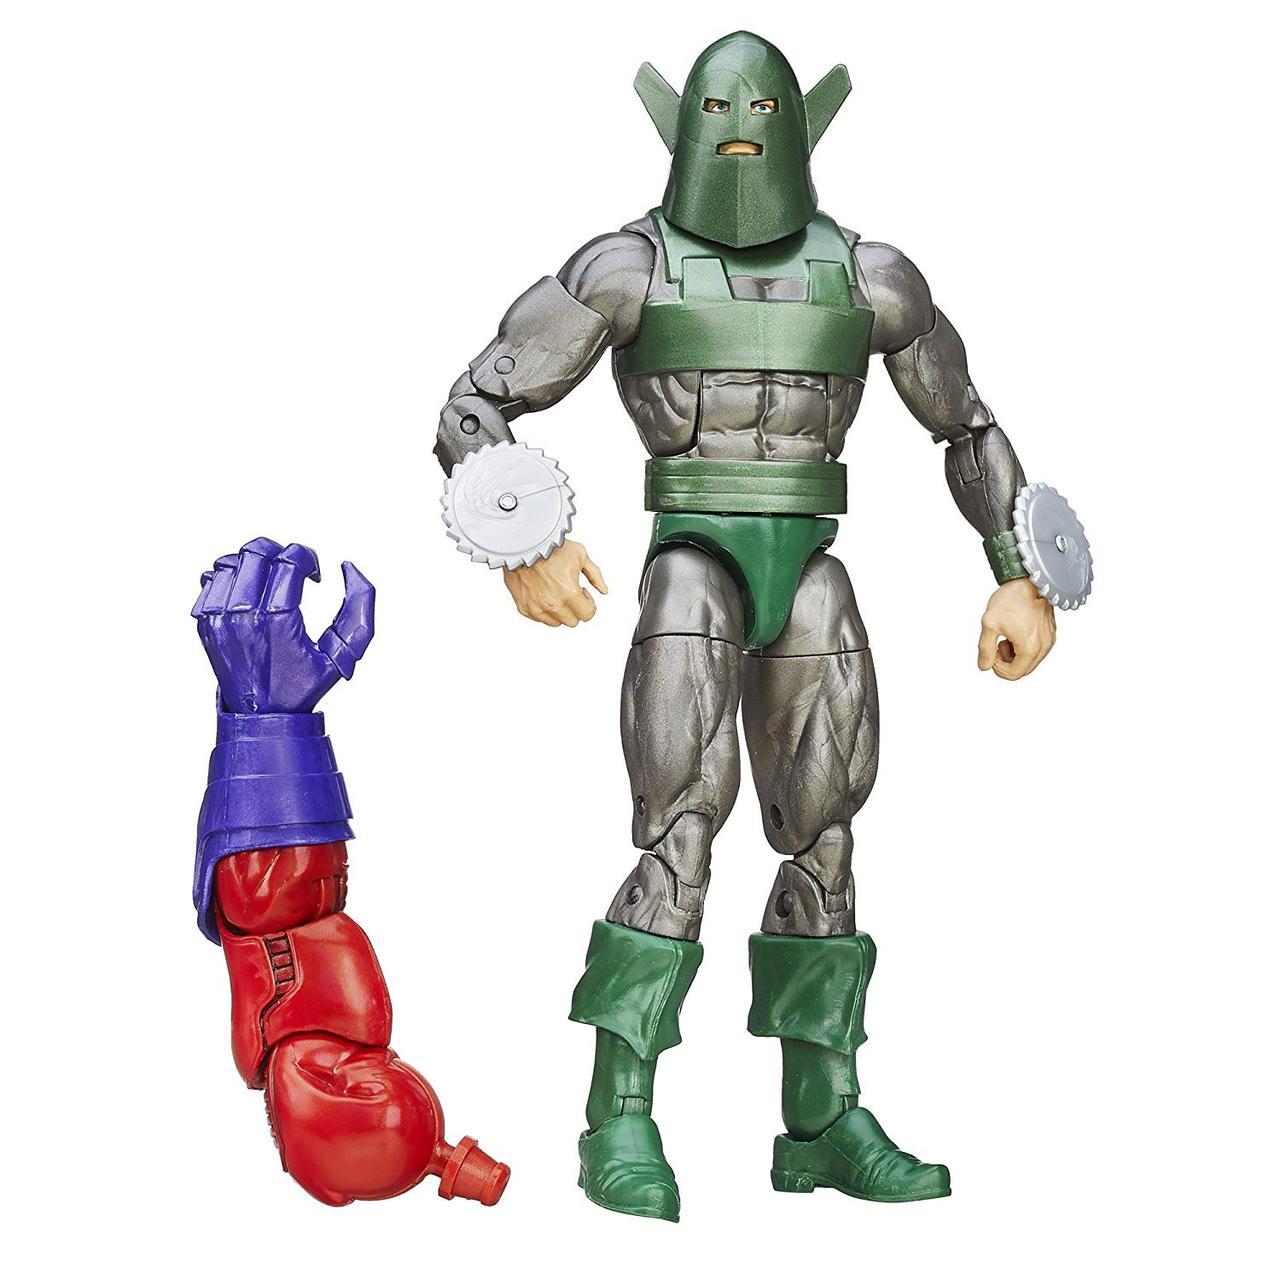 Фігурка Hasbro Вихор, Легенди Марвел 15 см - Build a Figure, Red Skull Series